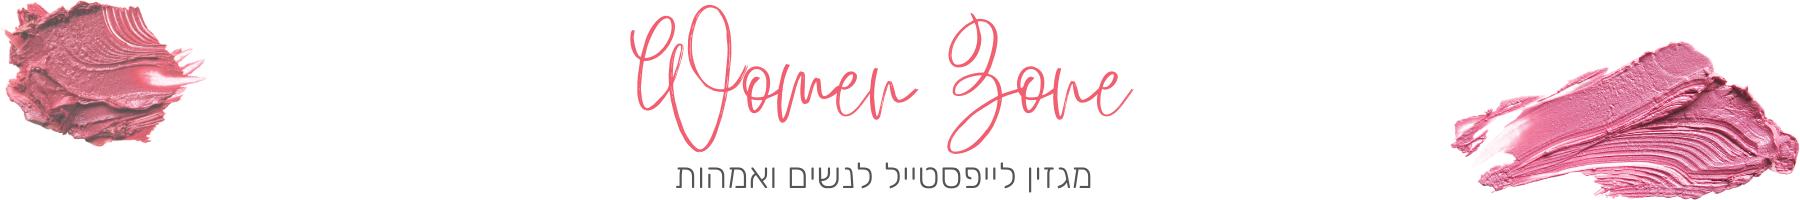 וומן זון - מגזין לייפסטייל לנשים